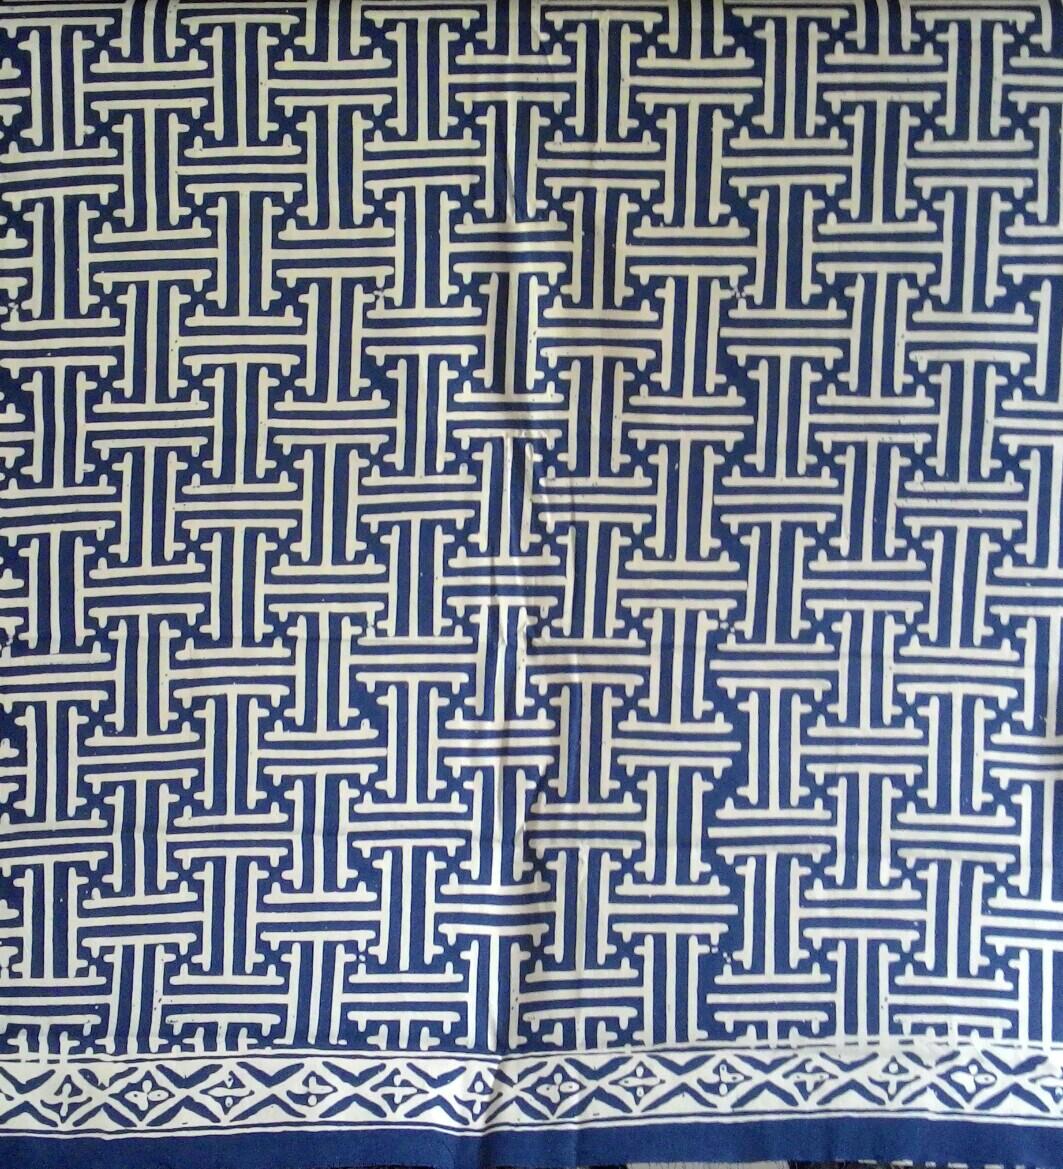 Batik Bnc Collection Kain Batik Garutan Cap Motif Rereng Bilik Biru